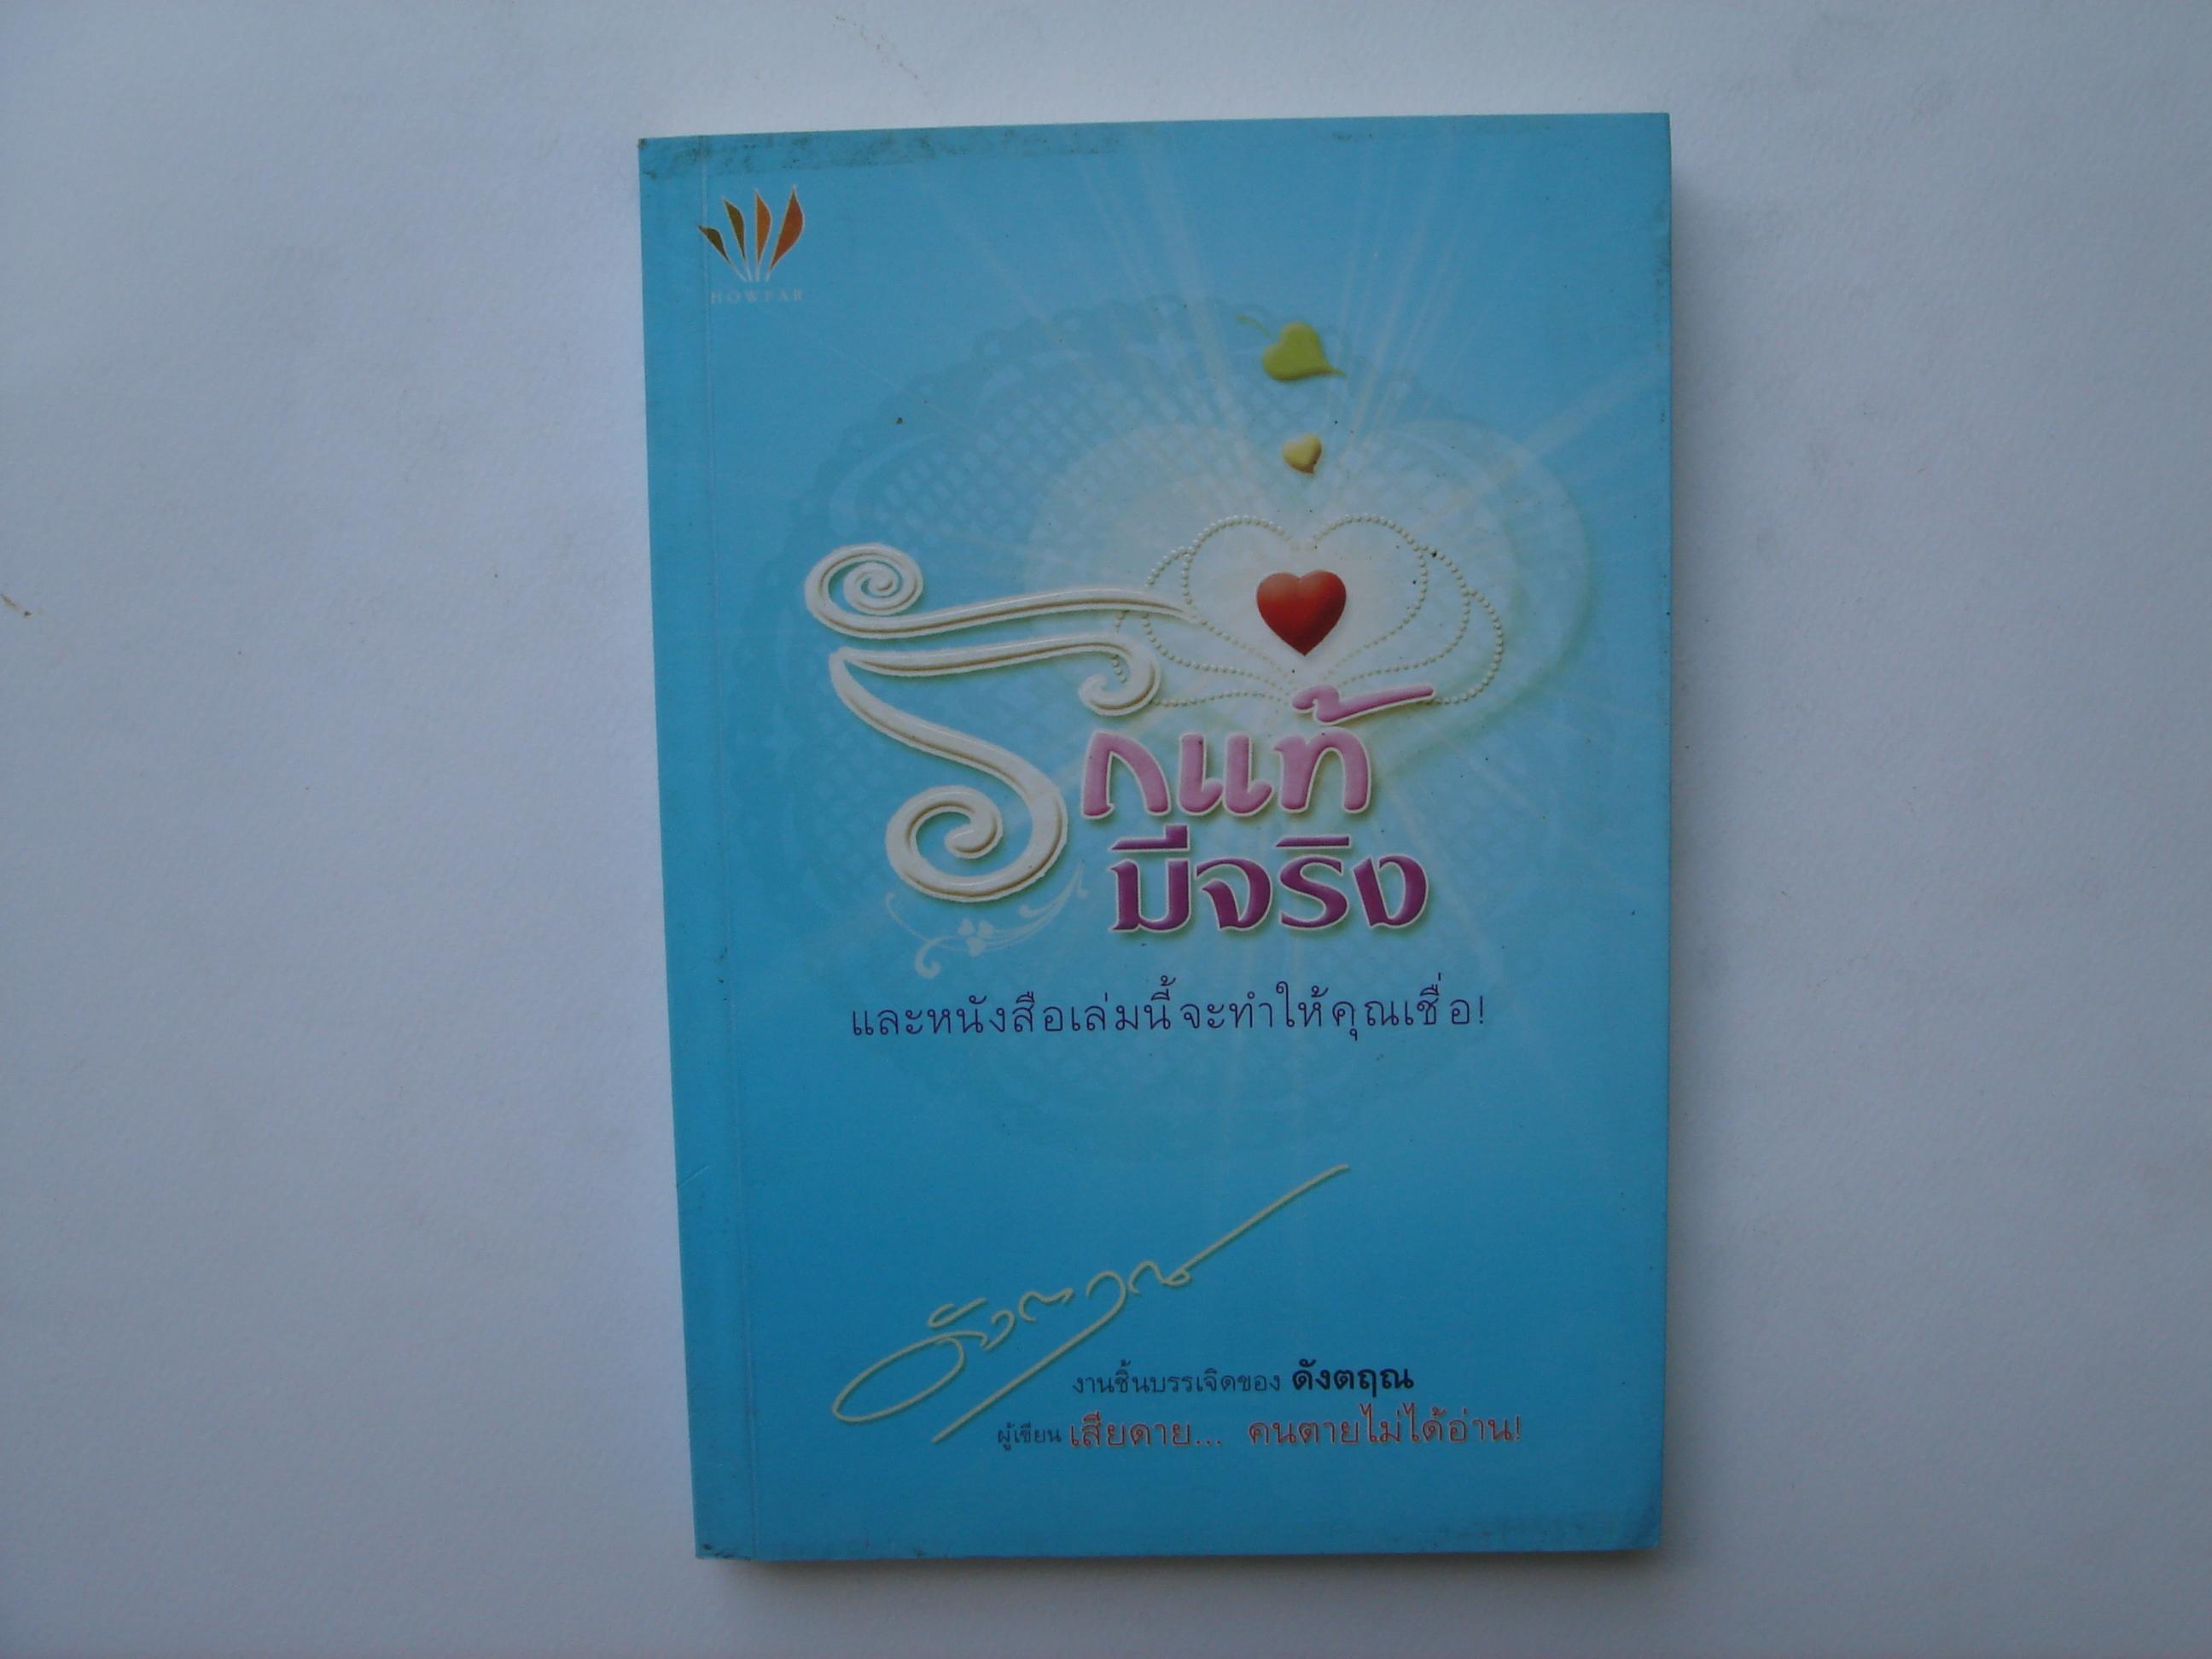 รักแท้มีจริง - และหนังสือเล่มนี้จะทำให้คุณเชื่อ!